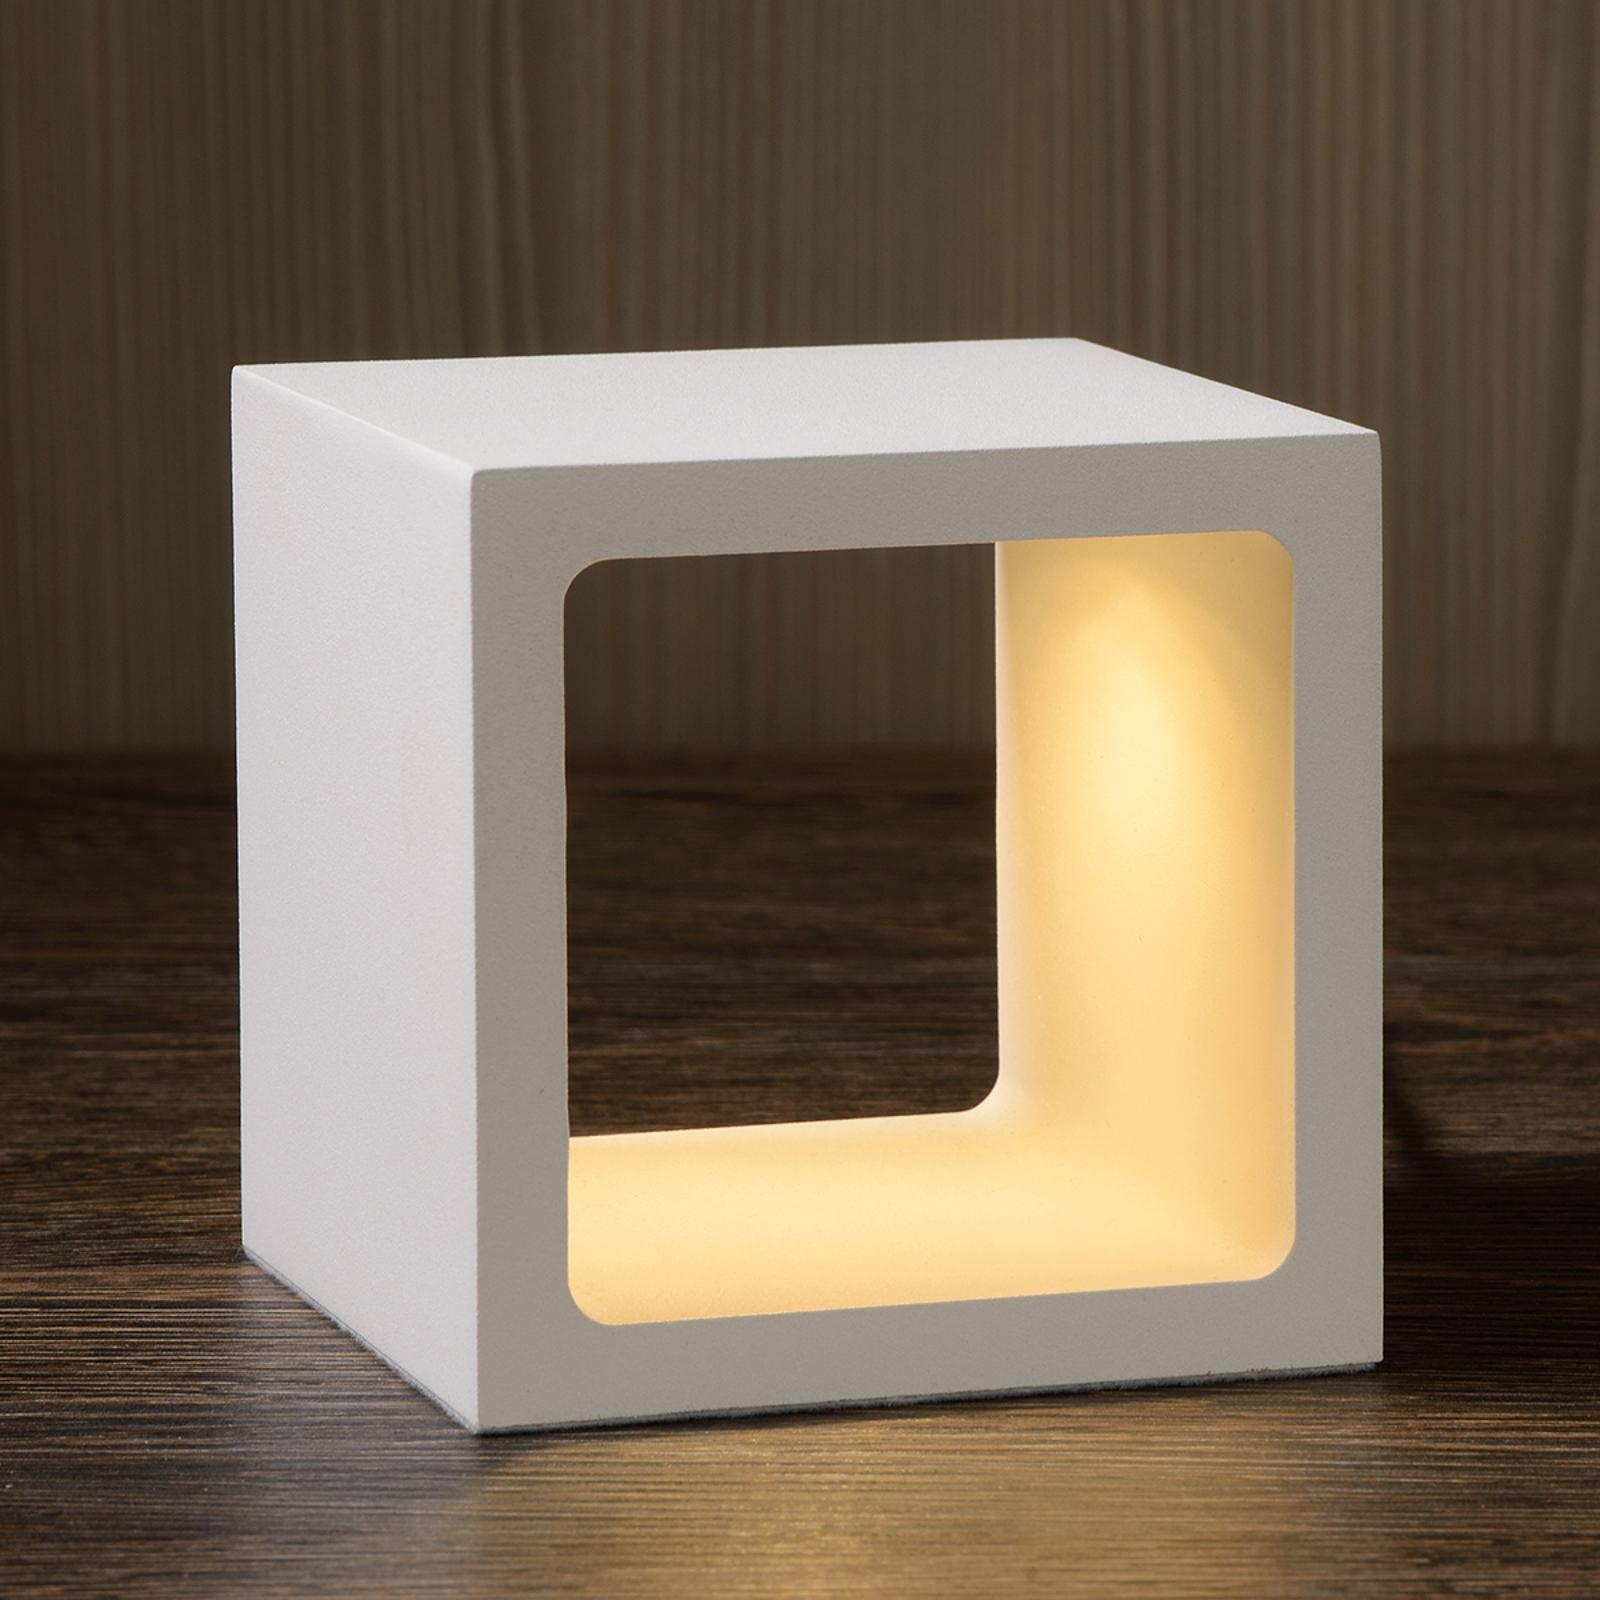 Kuutionmuotoinen LED-pöytälamppu Xio